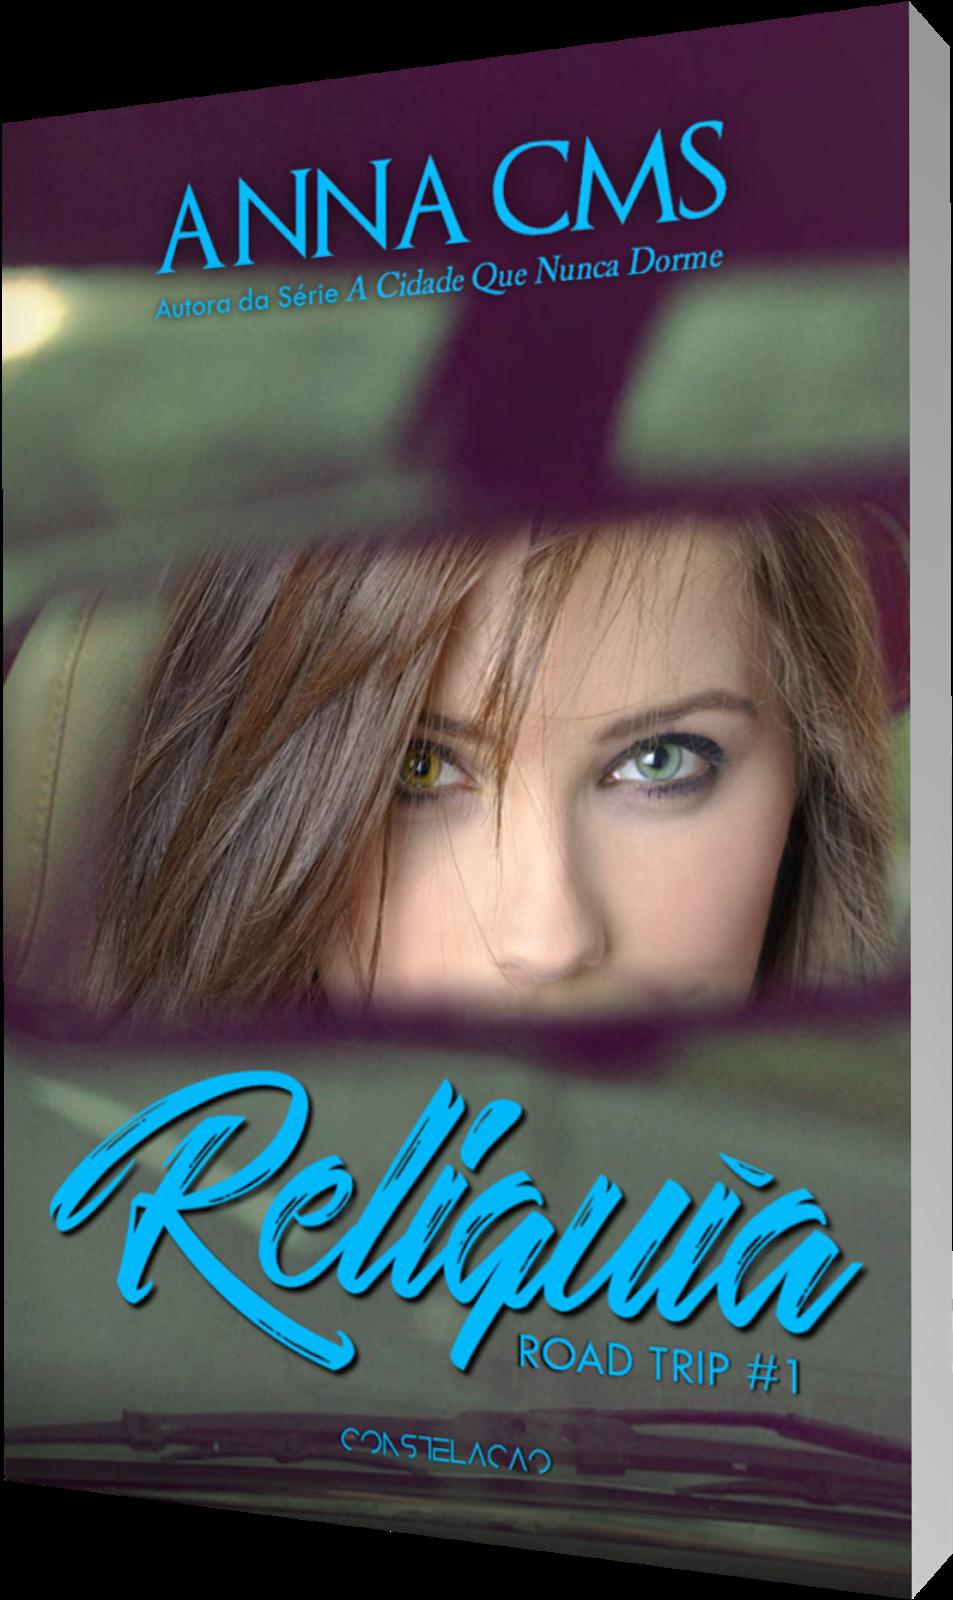 RELÍQUIA - ROAD TRIP #1 [O NOVO LIVRO DE ANNA CMS]